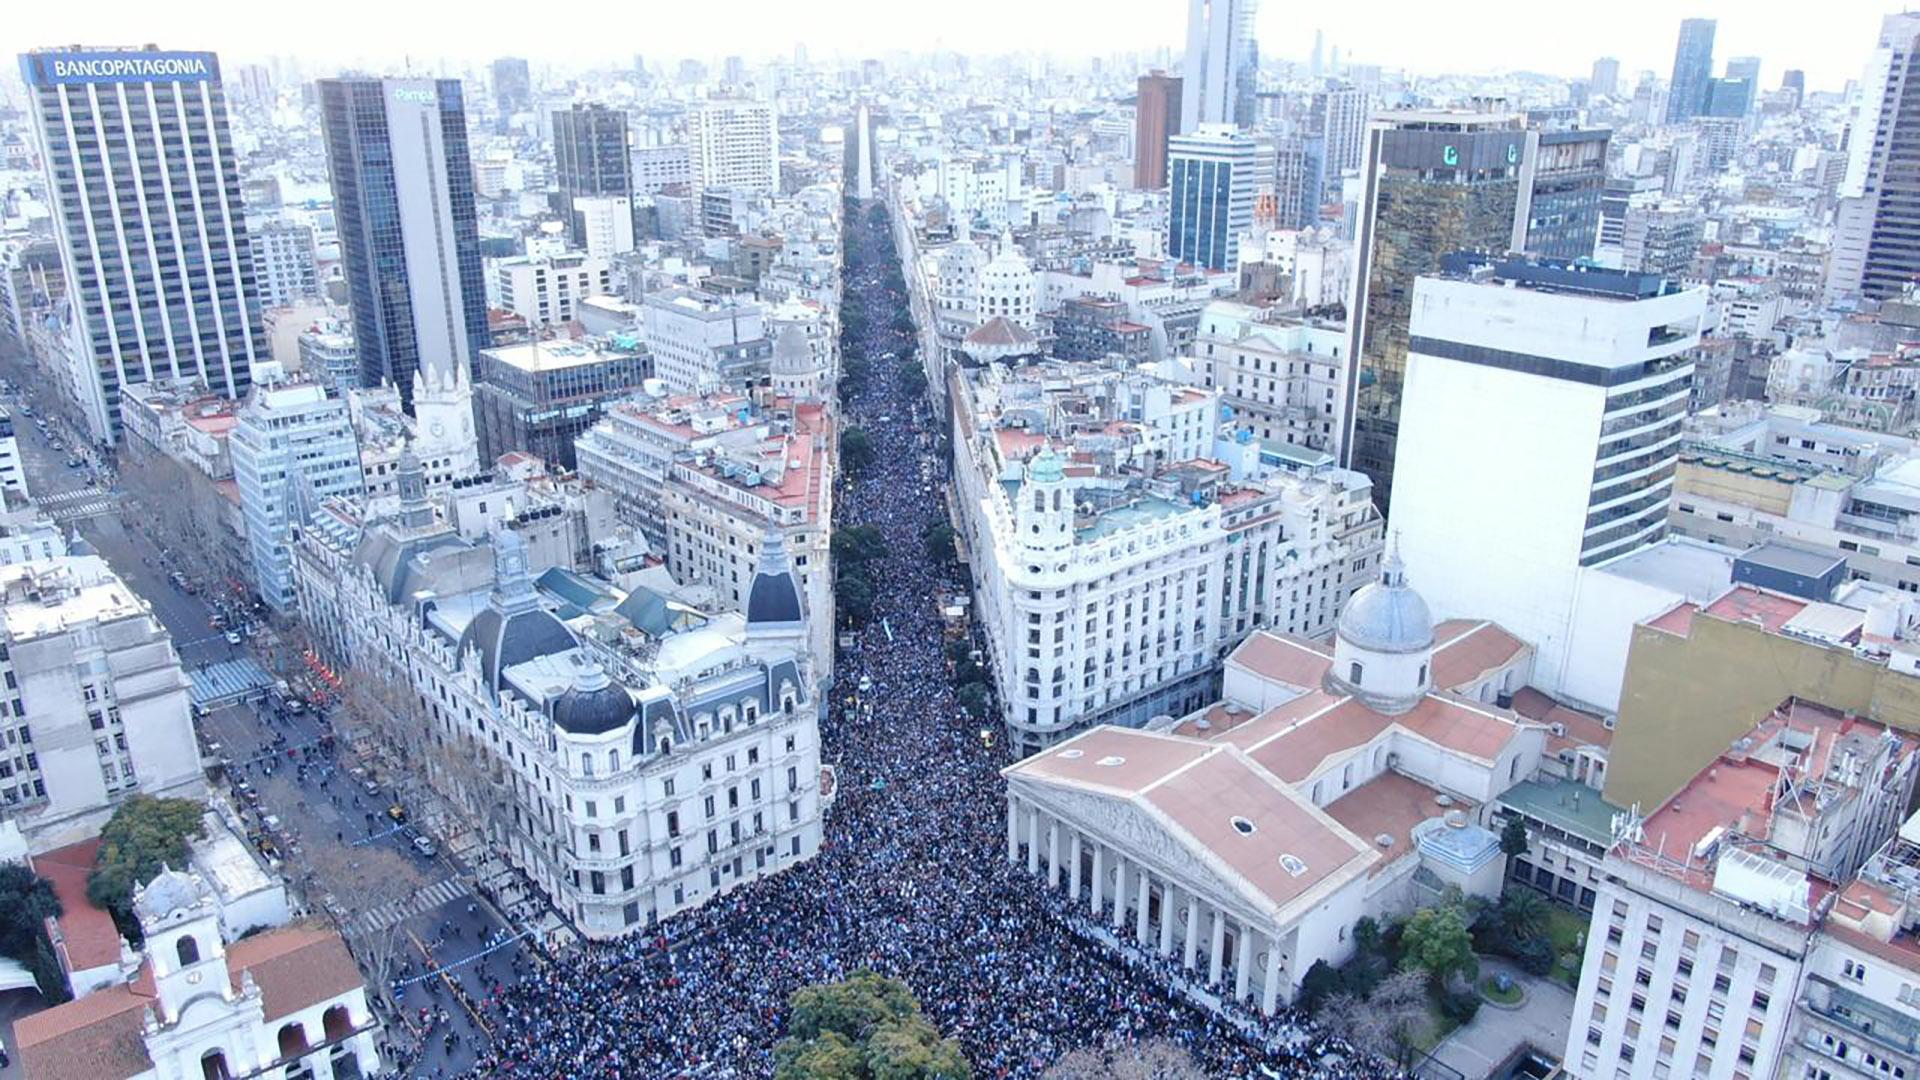 Vista de la masiva marcha espontánea en defensa del Gobierno de Mauricio Macri